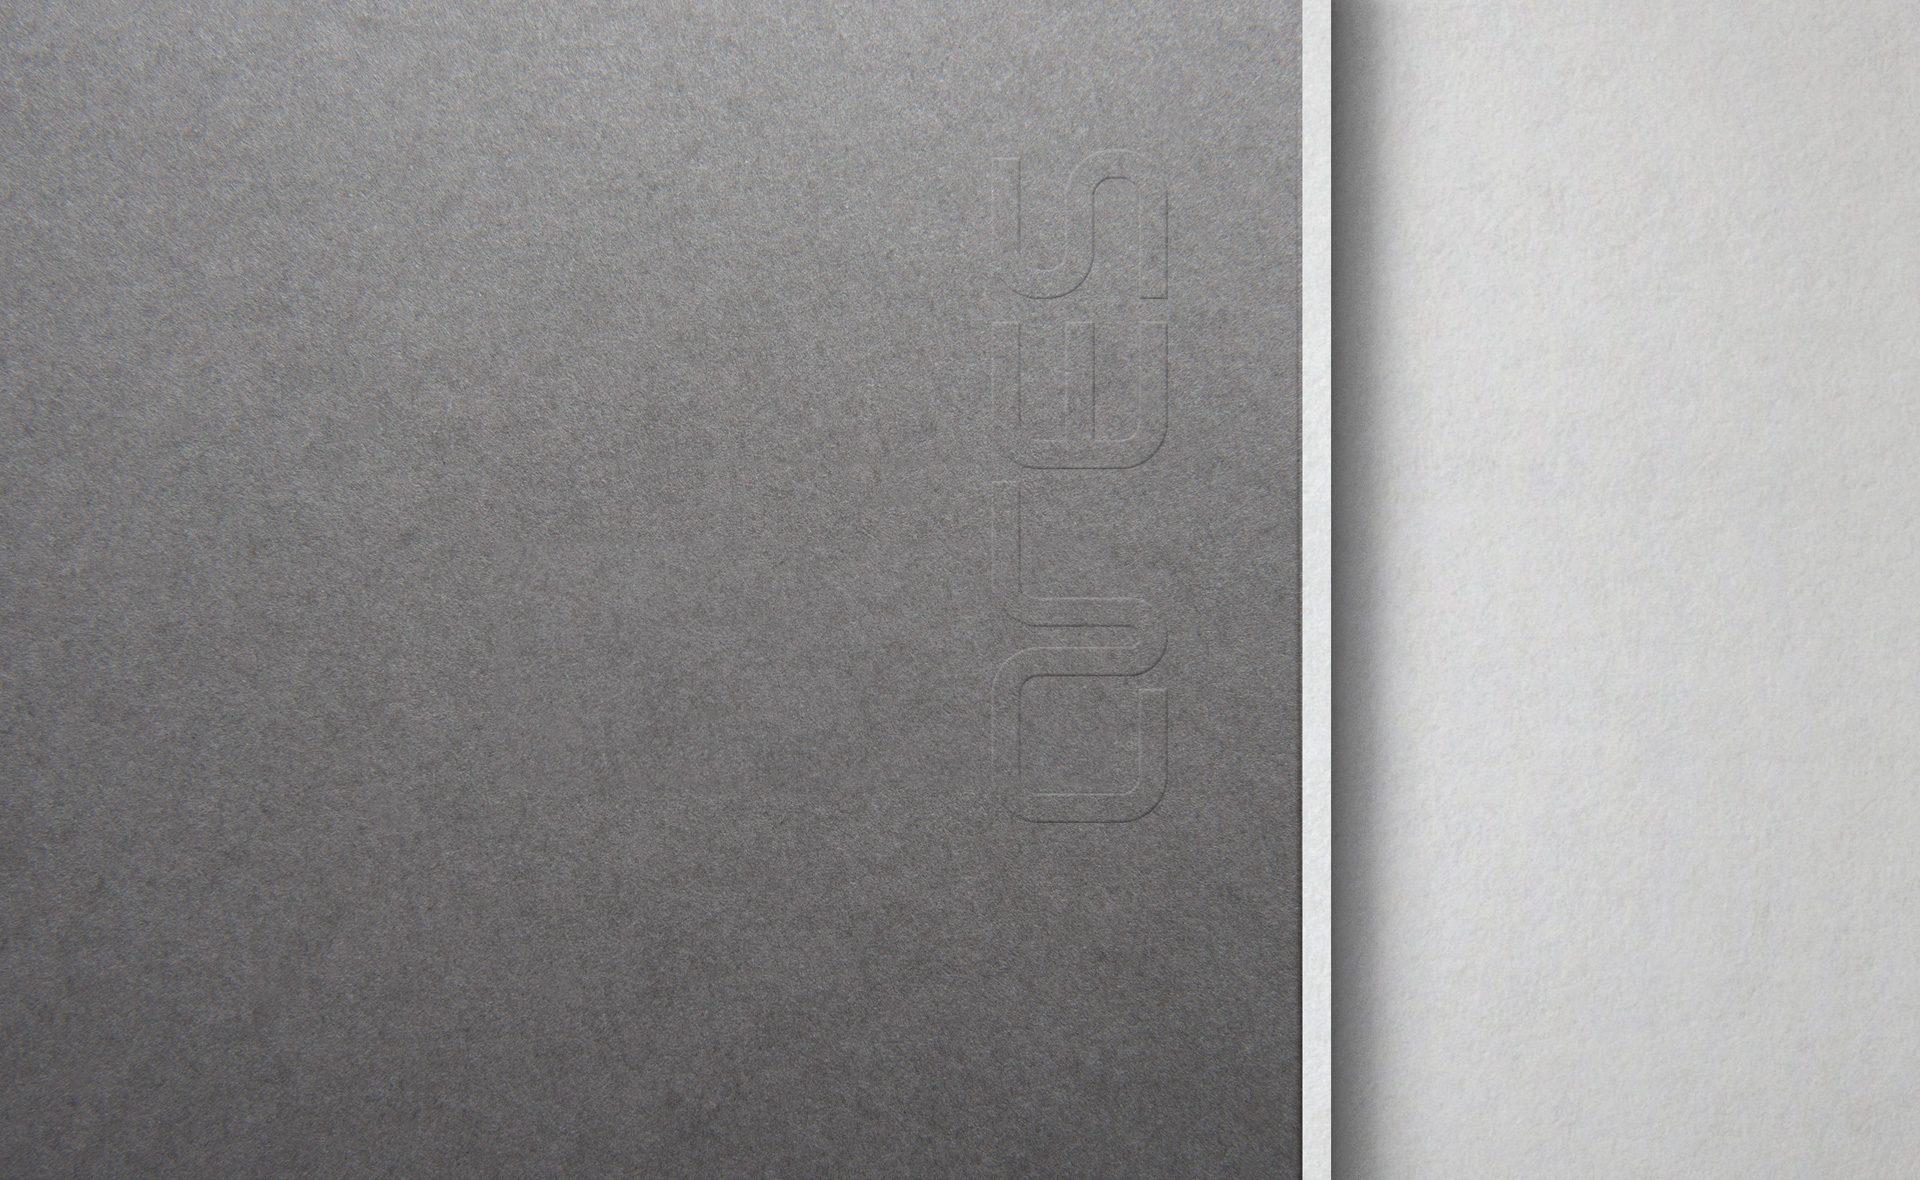 07_ar__identidad_corporativa_marca_logo_guadalajara_buro3_agencia_publicidad